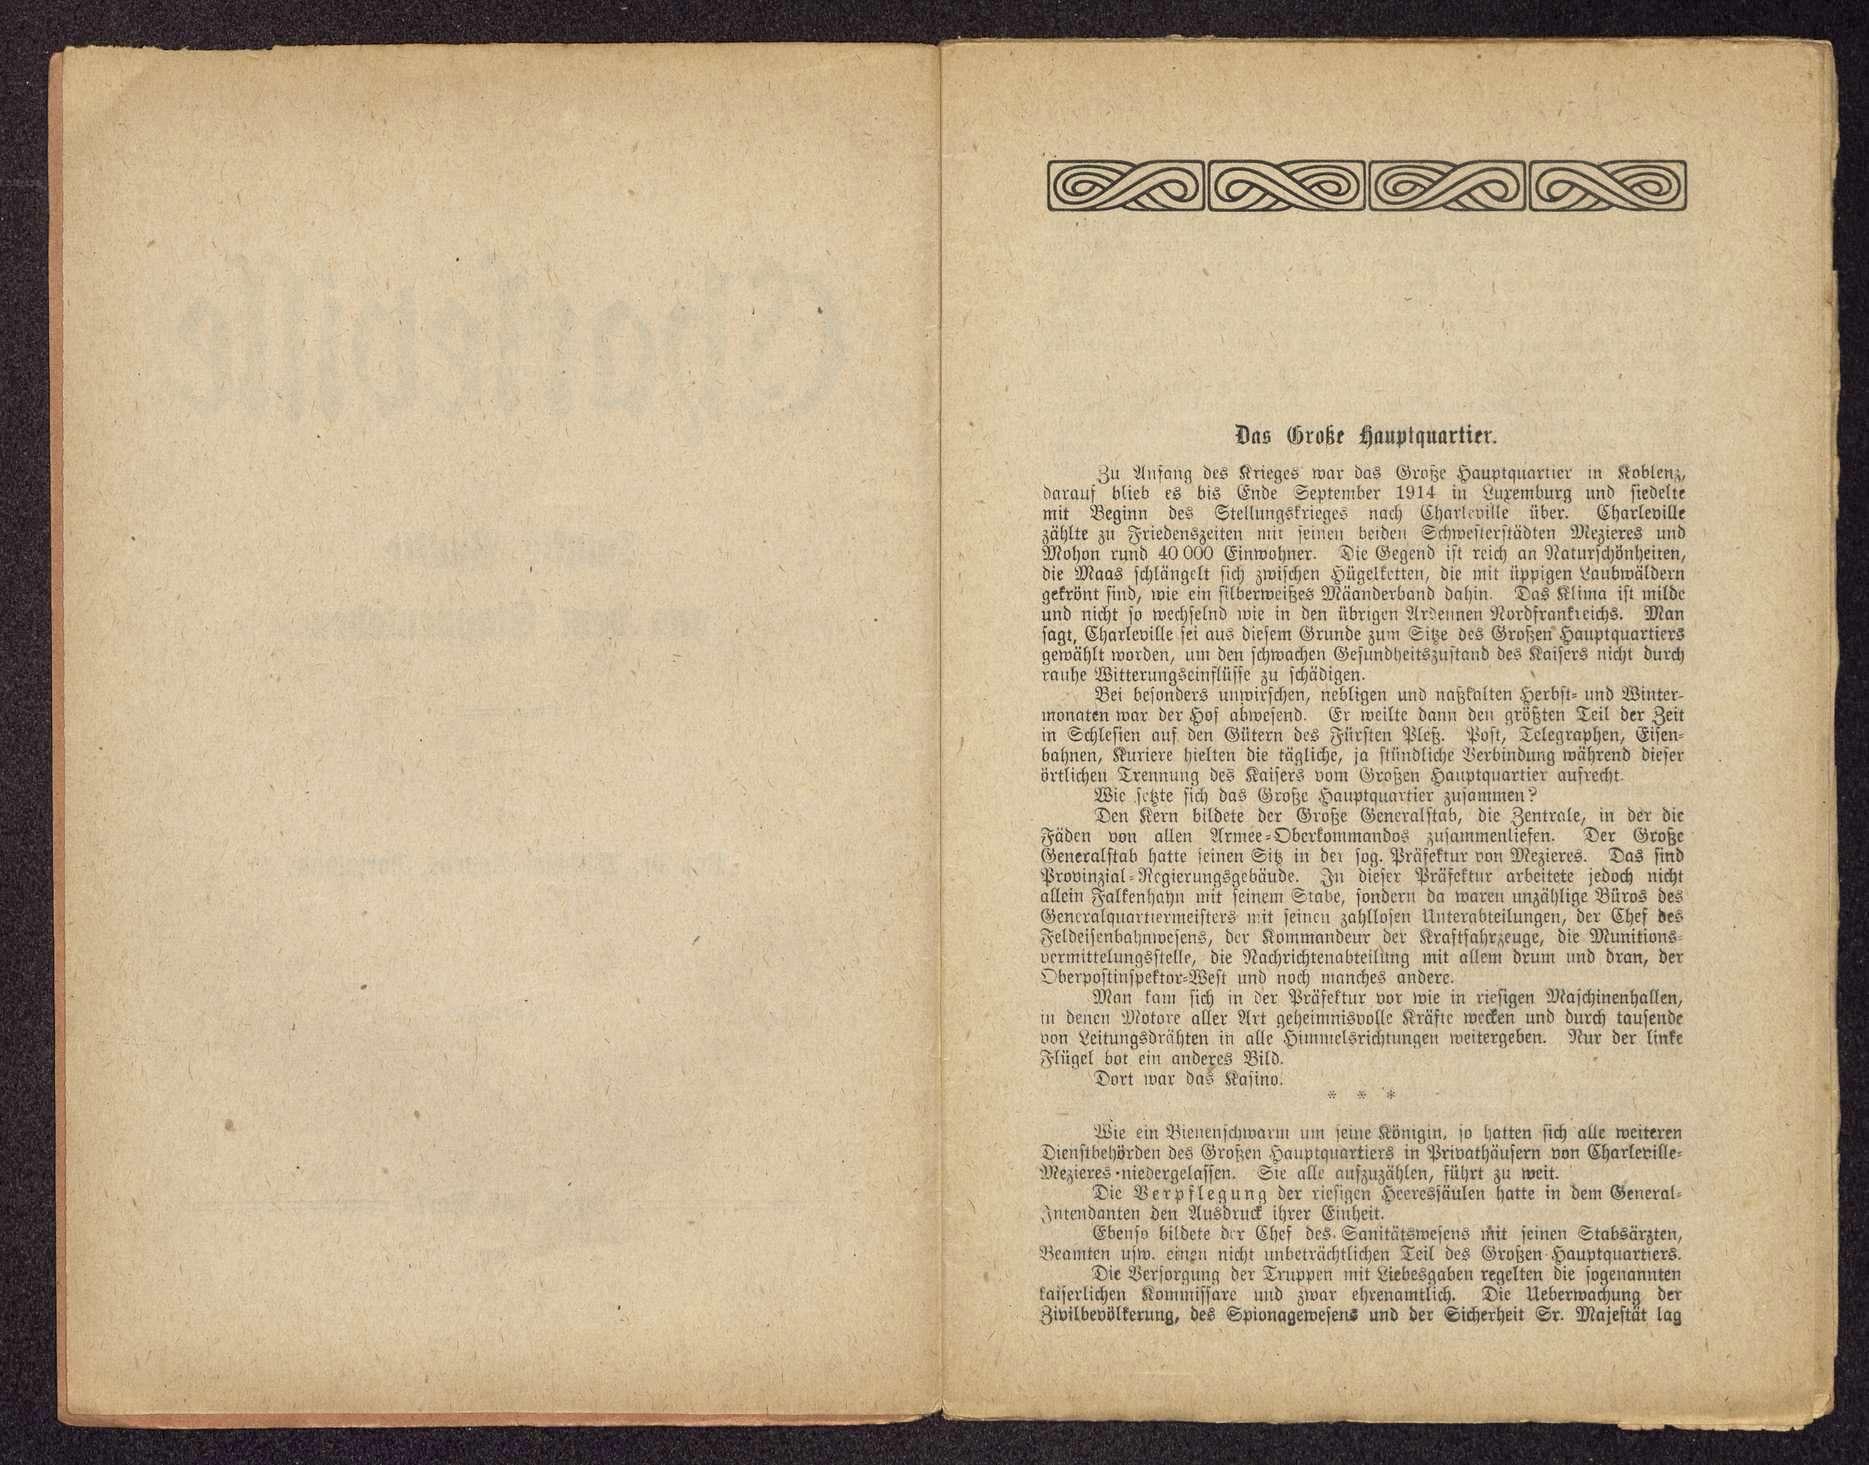 Dr. Wilhelm Appens, Dortmund: Charleville. Dunkle Punkte aus dem Etappenleben (Druck und Verlag: Gerisch & Co. G.m.b.H., Dortmund), Bild 3